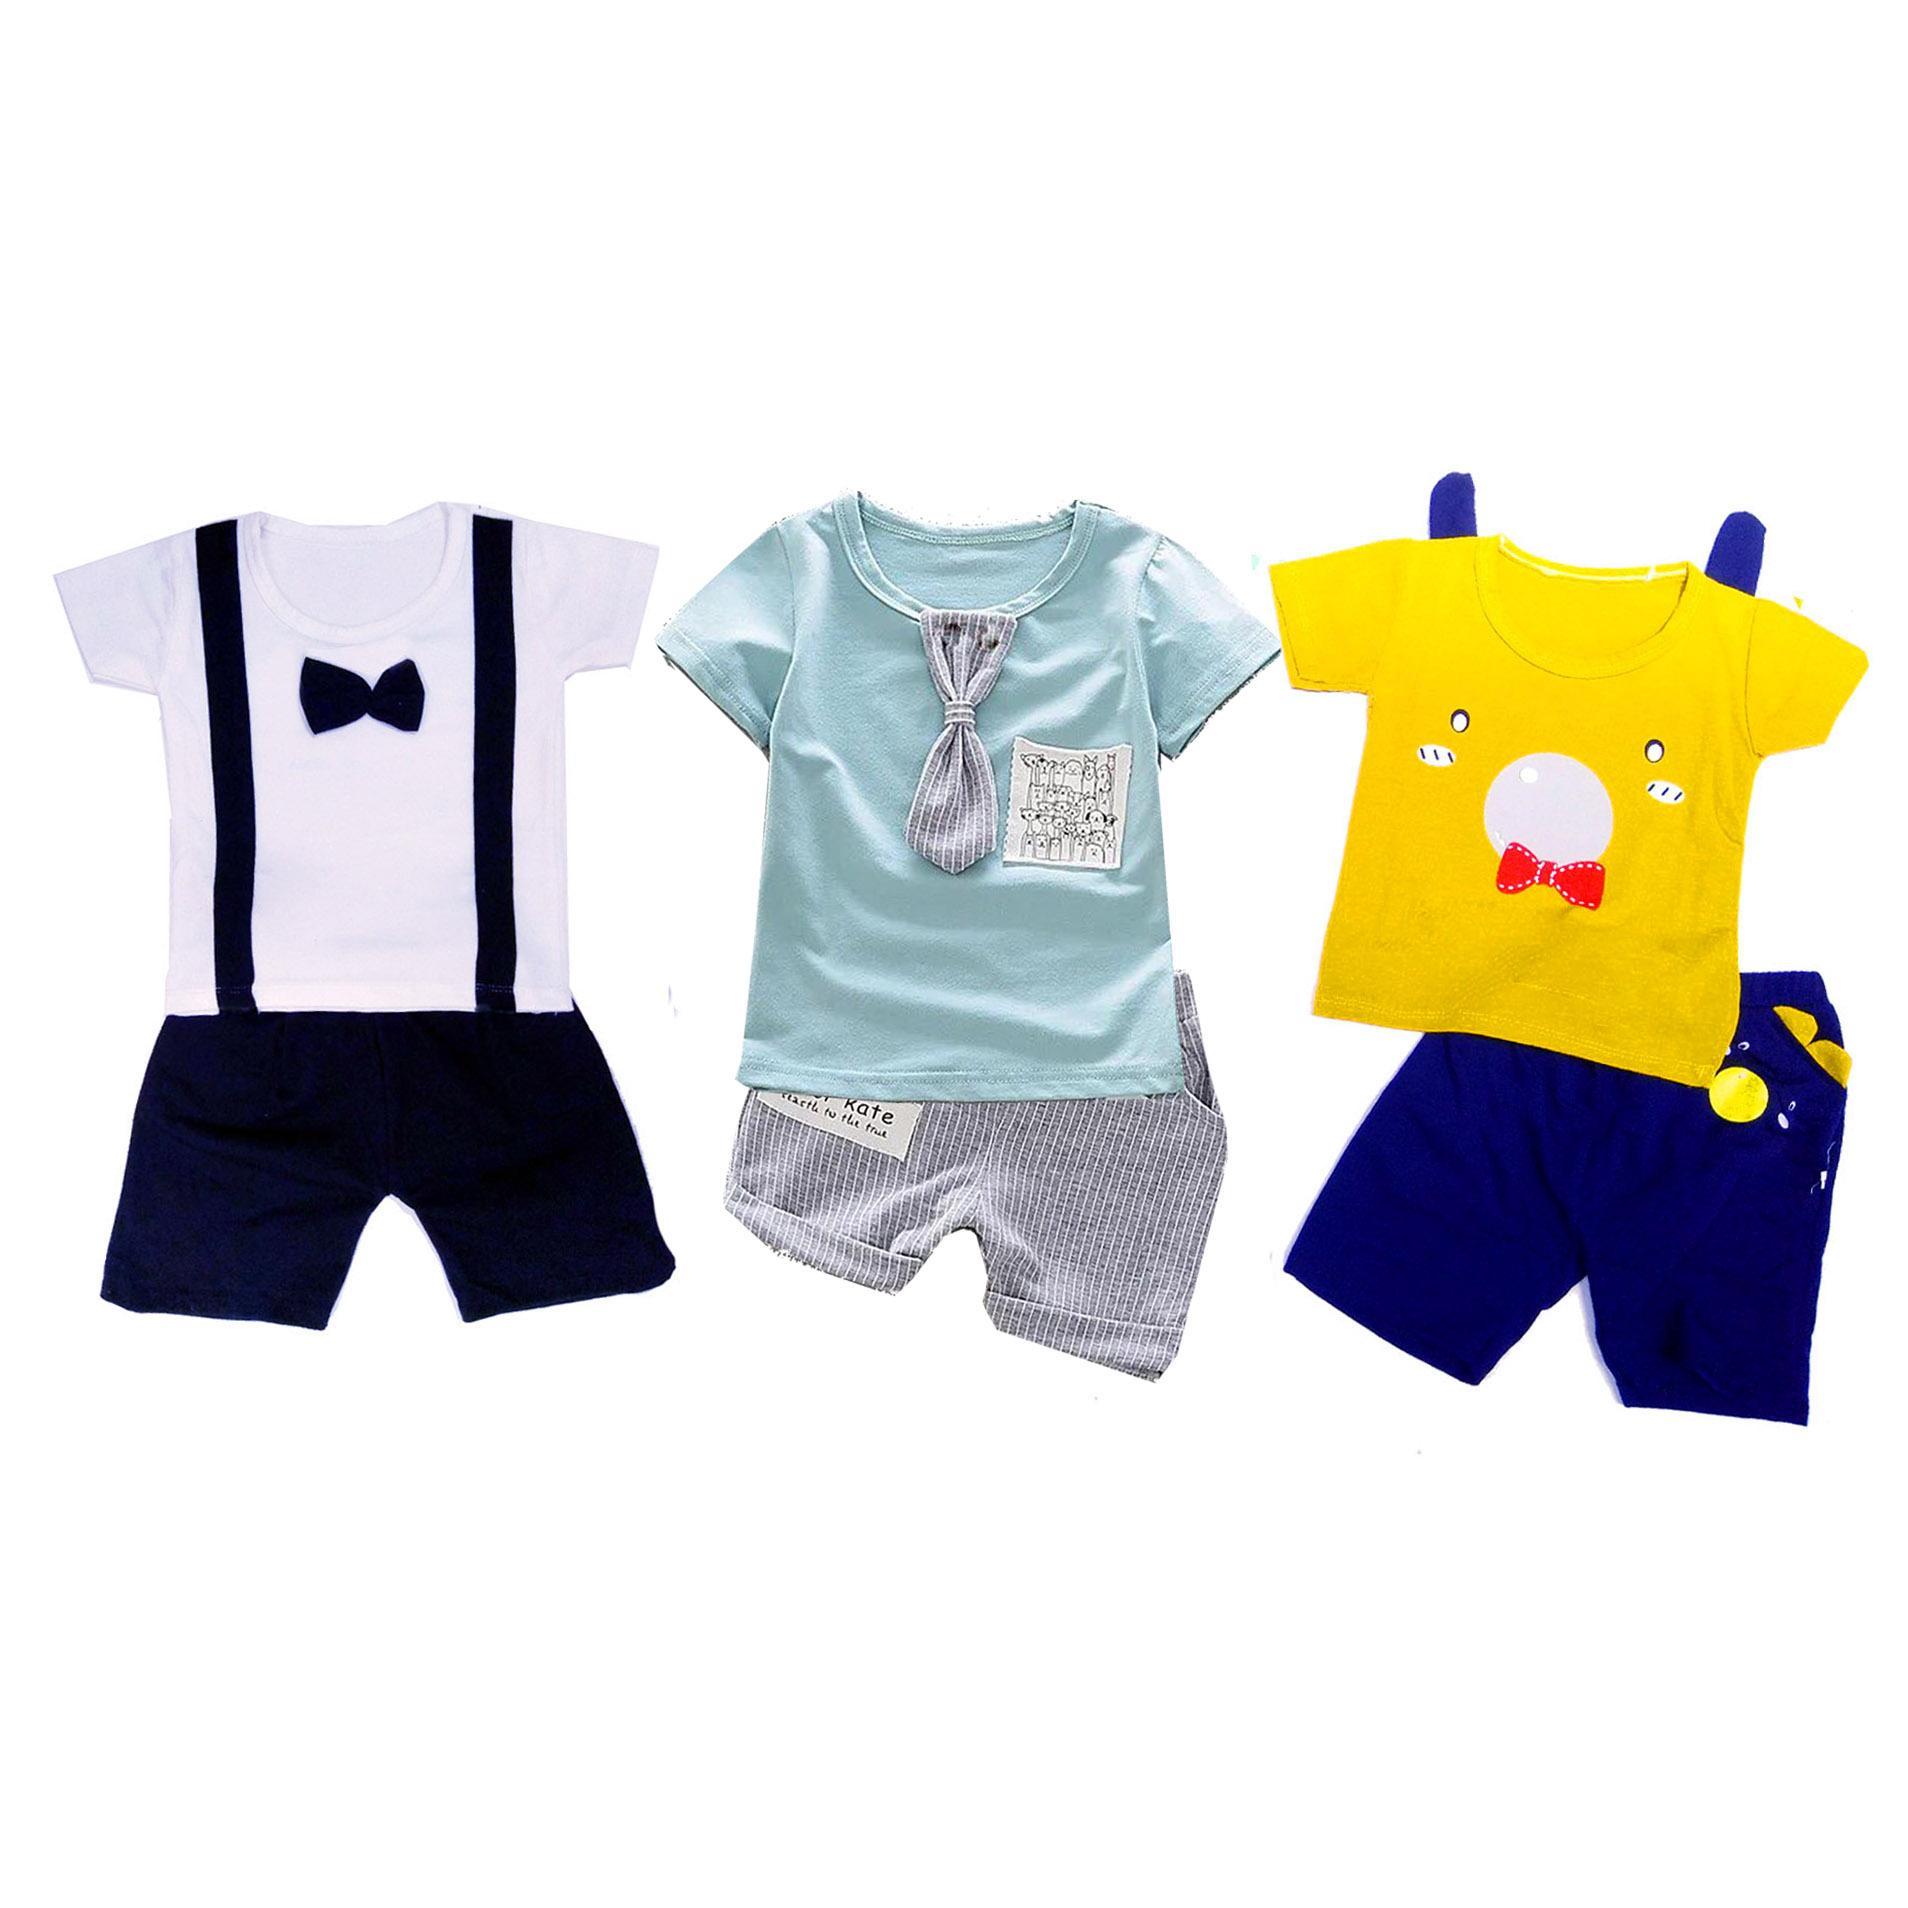 Combo 3 bộ quần áo cộc tay C3QATE48 cho bé trai